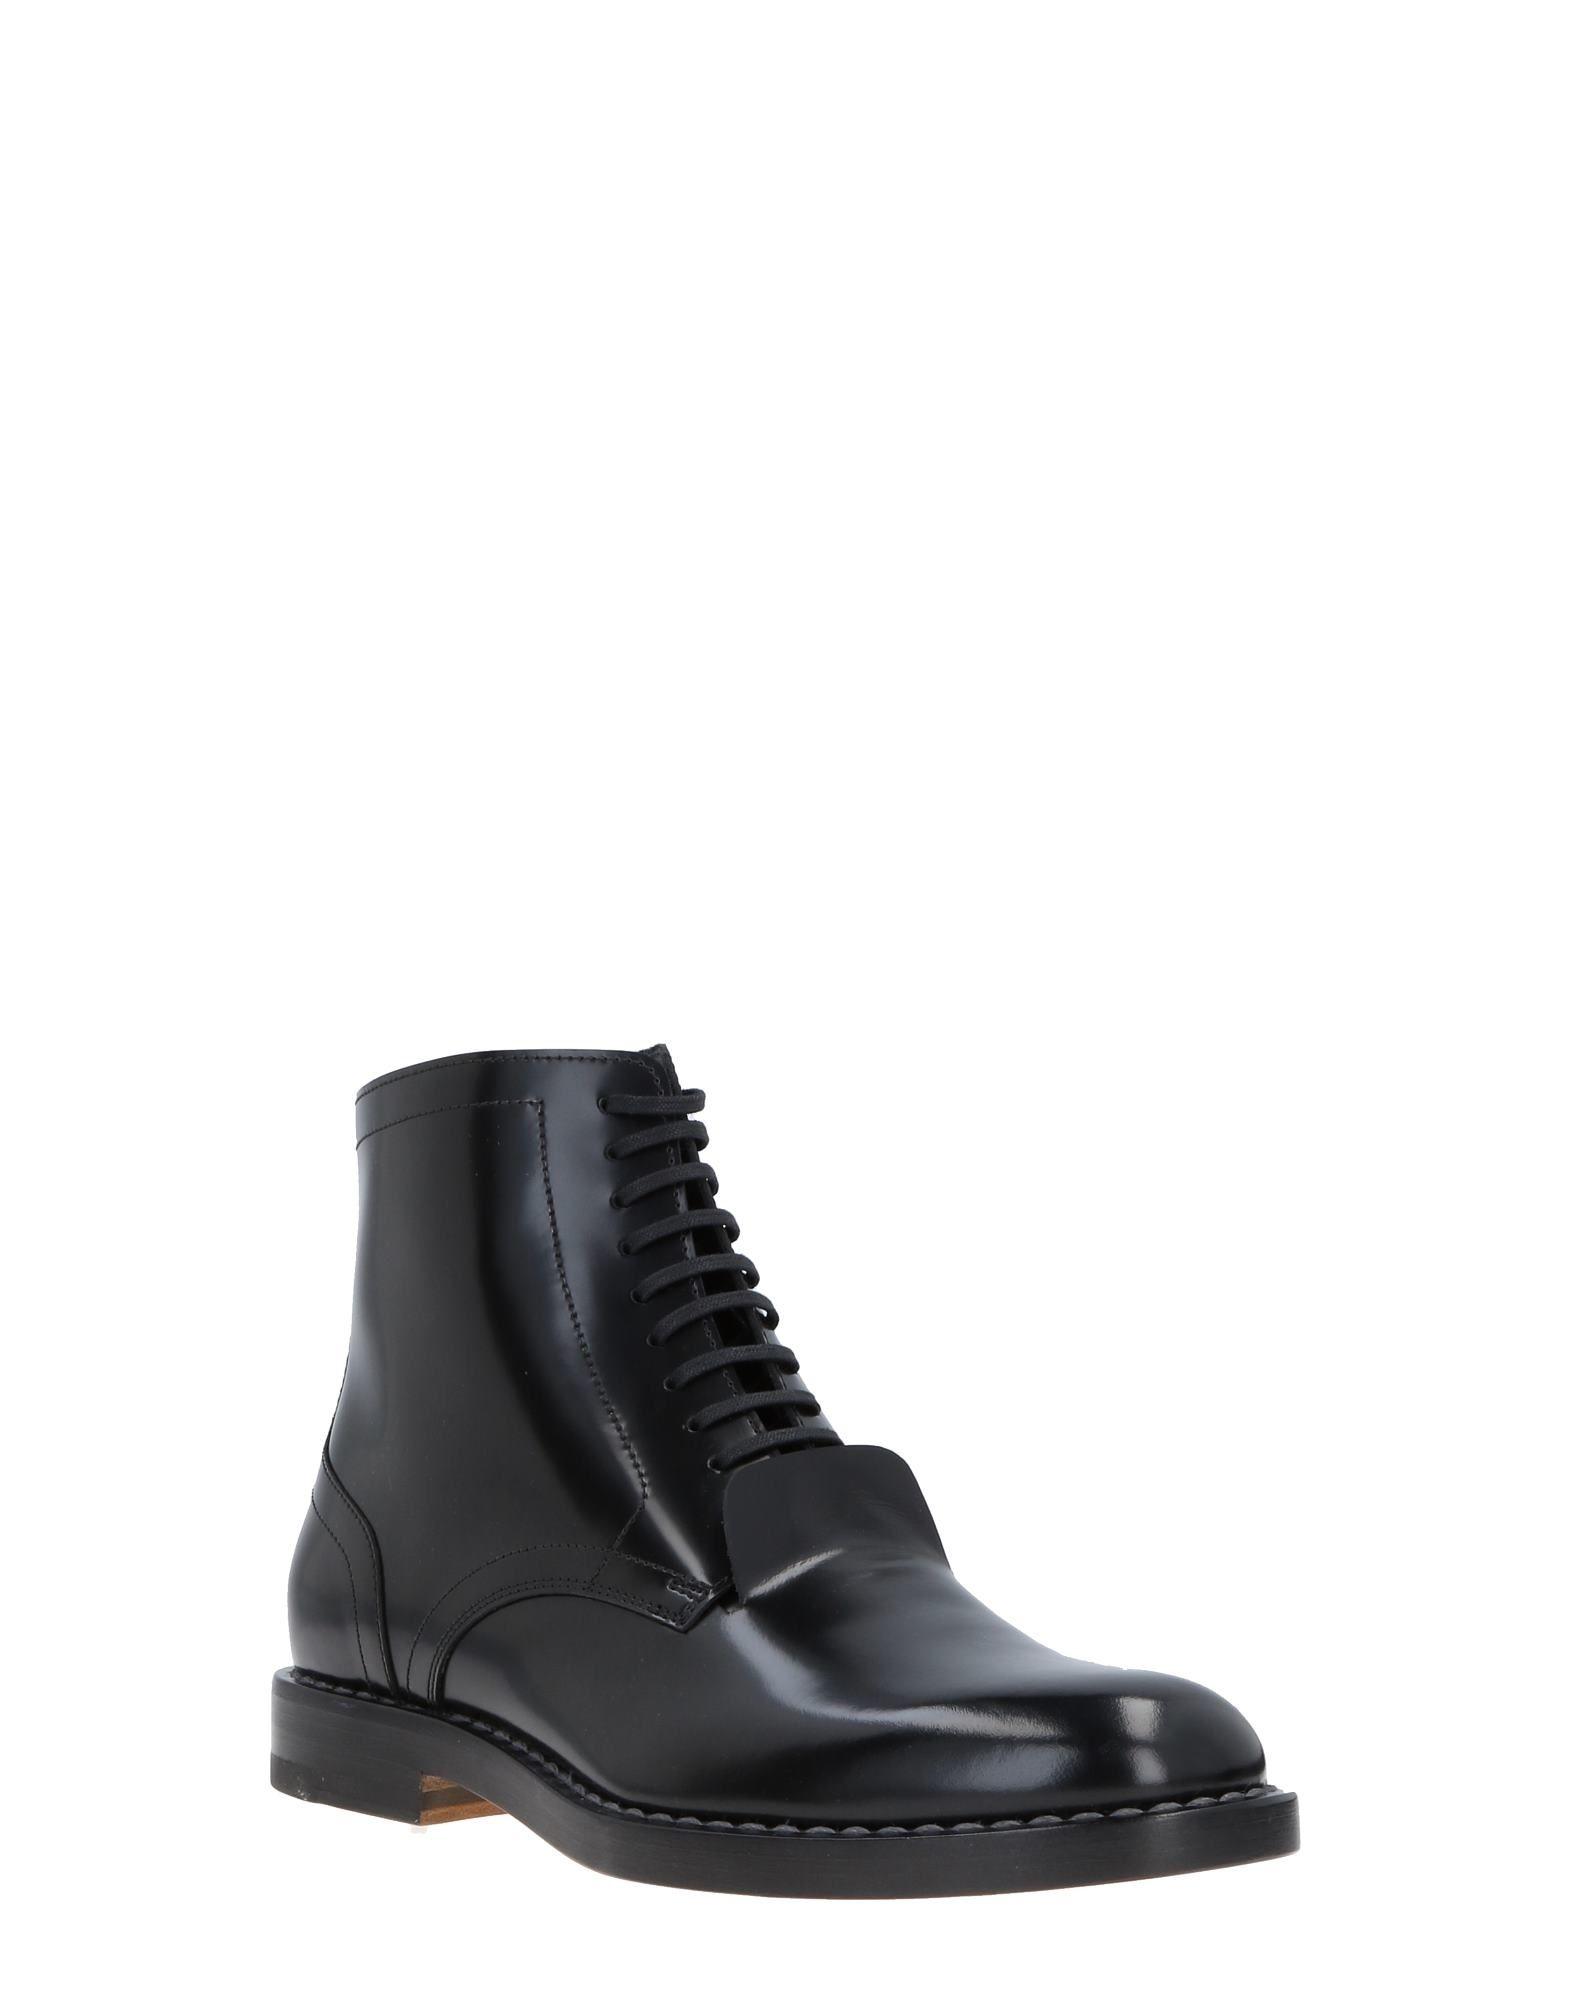 Maison Margiela Stiefelette Herren  11515894UD Gute Qualität beliebte Schuhe